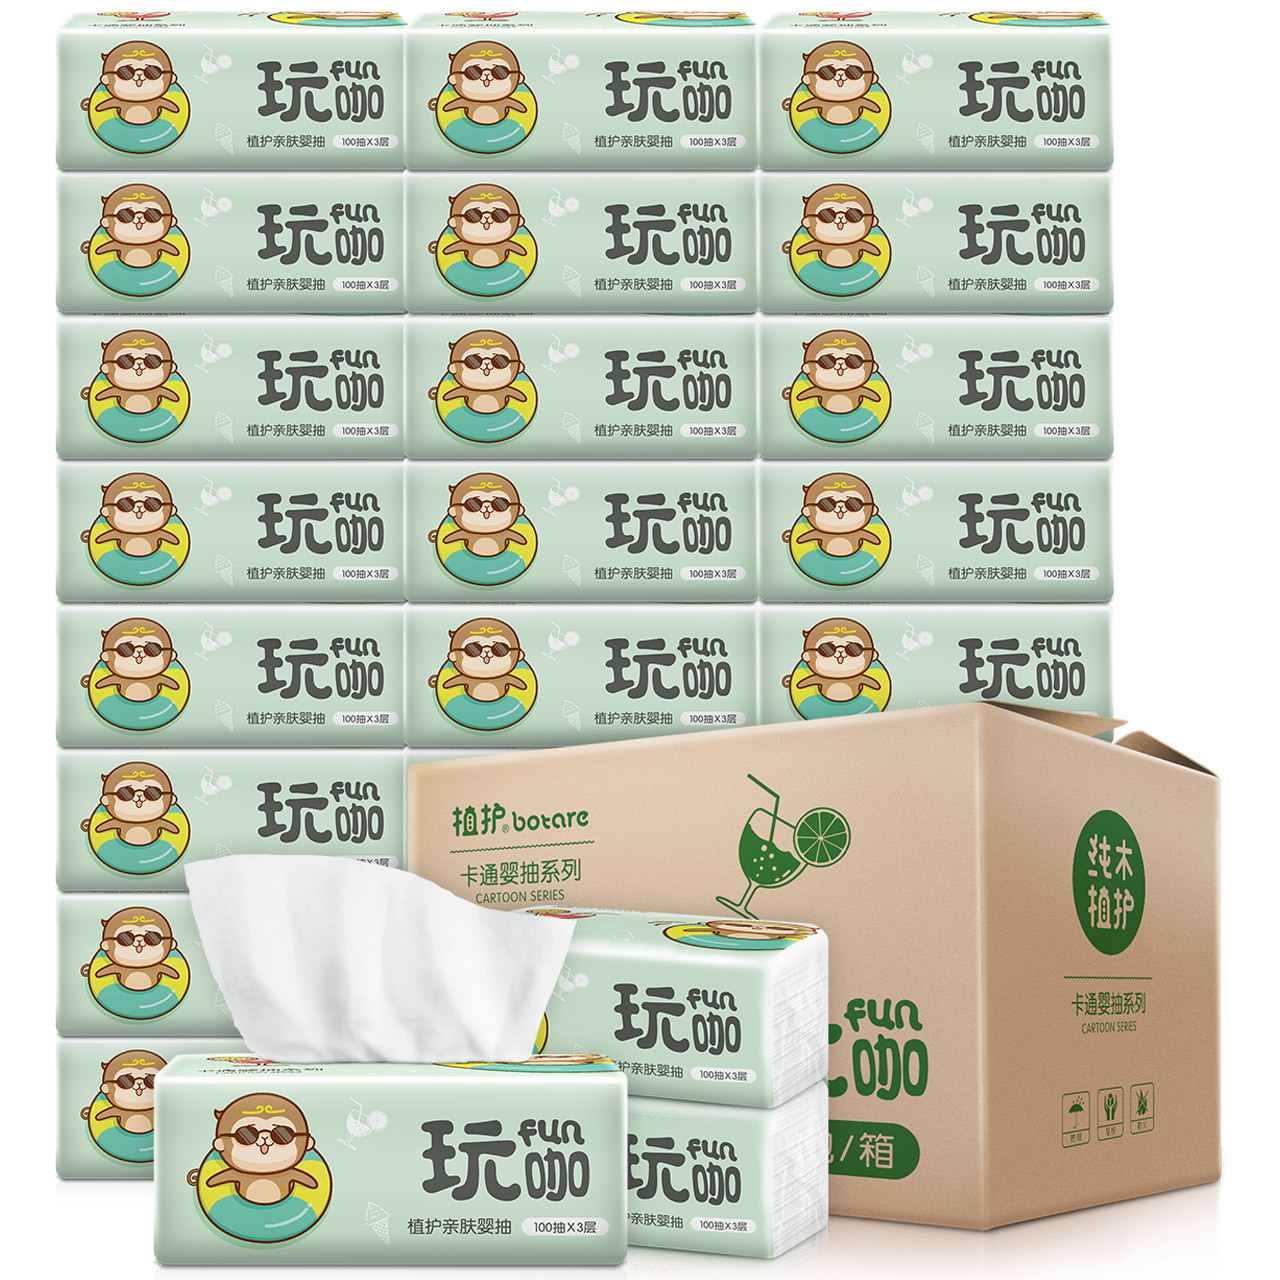 印刷卫生纸包装袋-印刷卫生纸包装袋厂家、品牌、图... -阿里巴巴